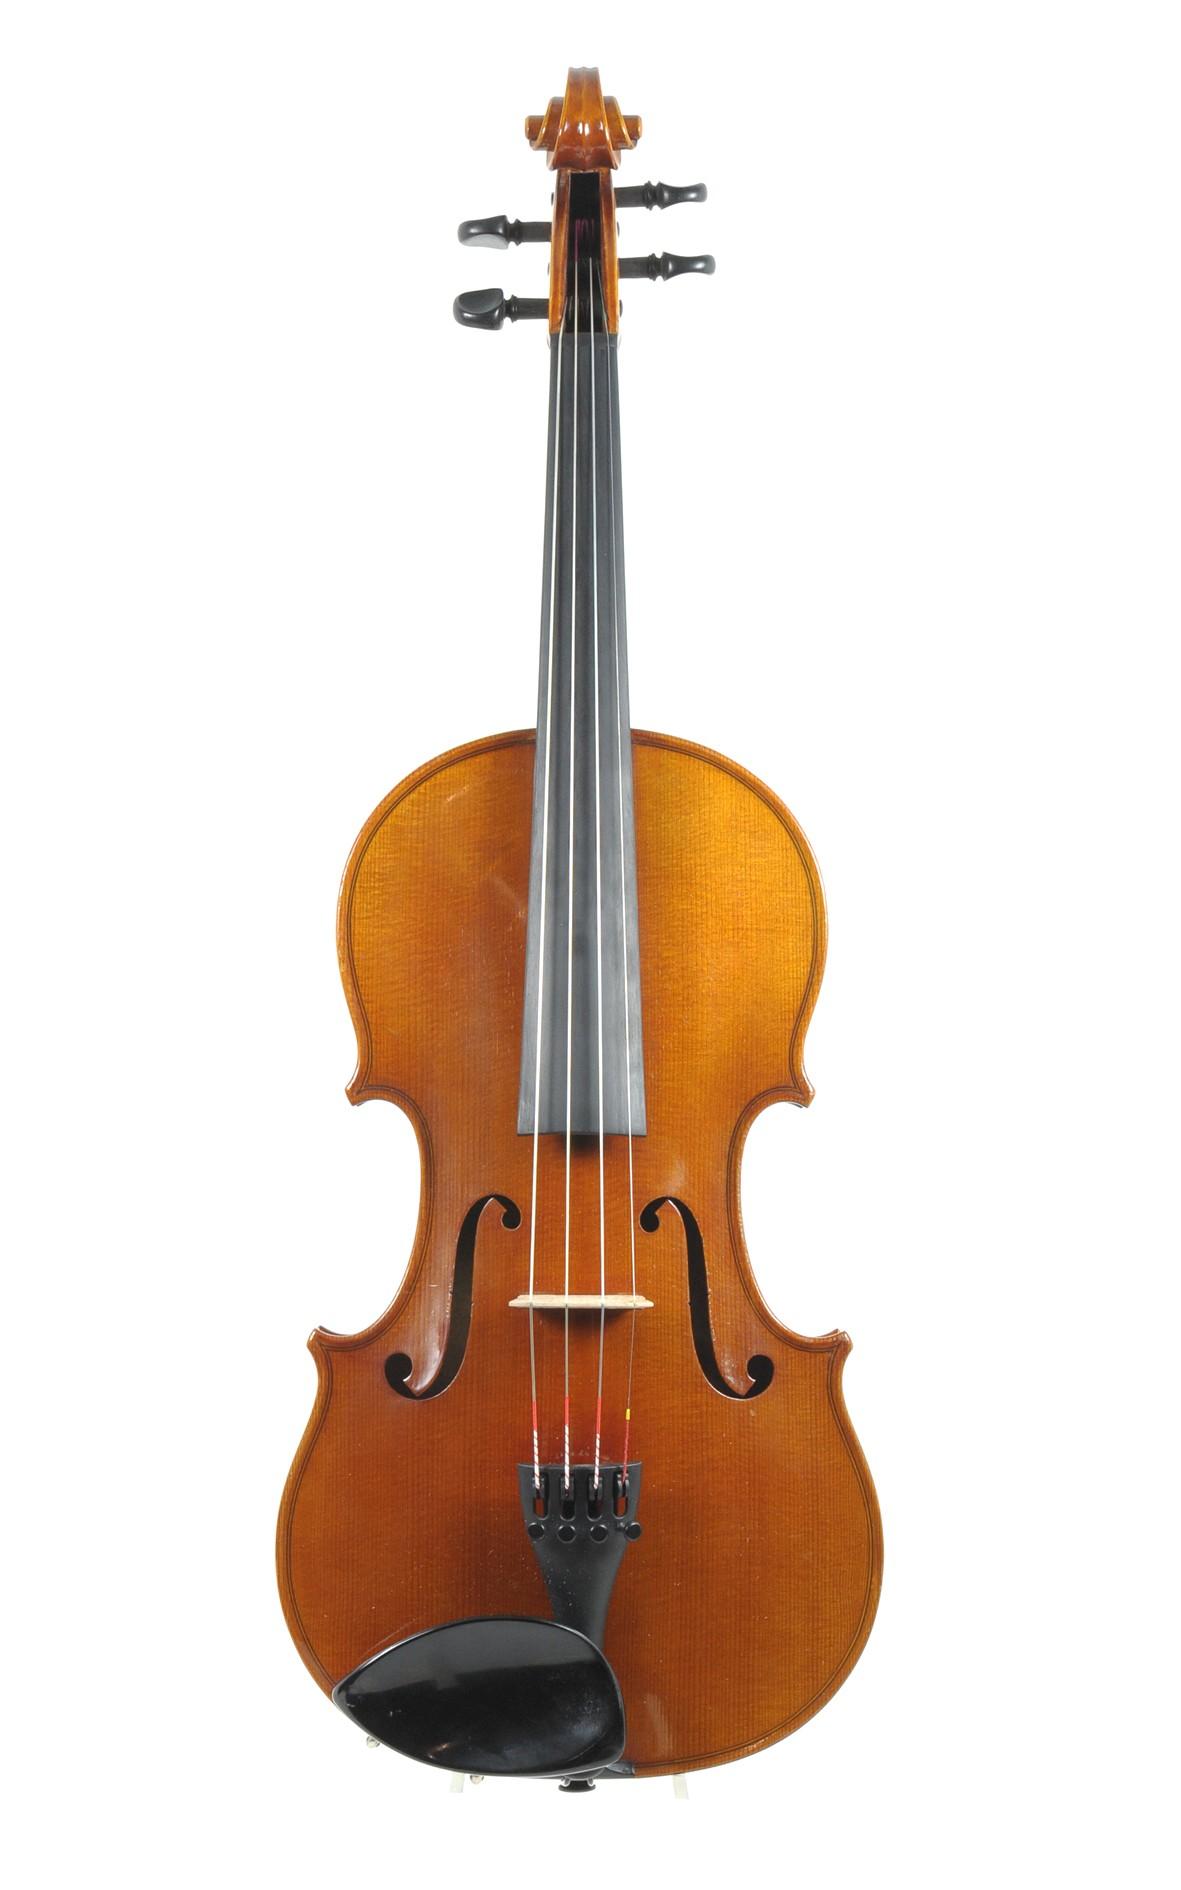 Markneukirchen violin, Carl August Schuster